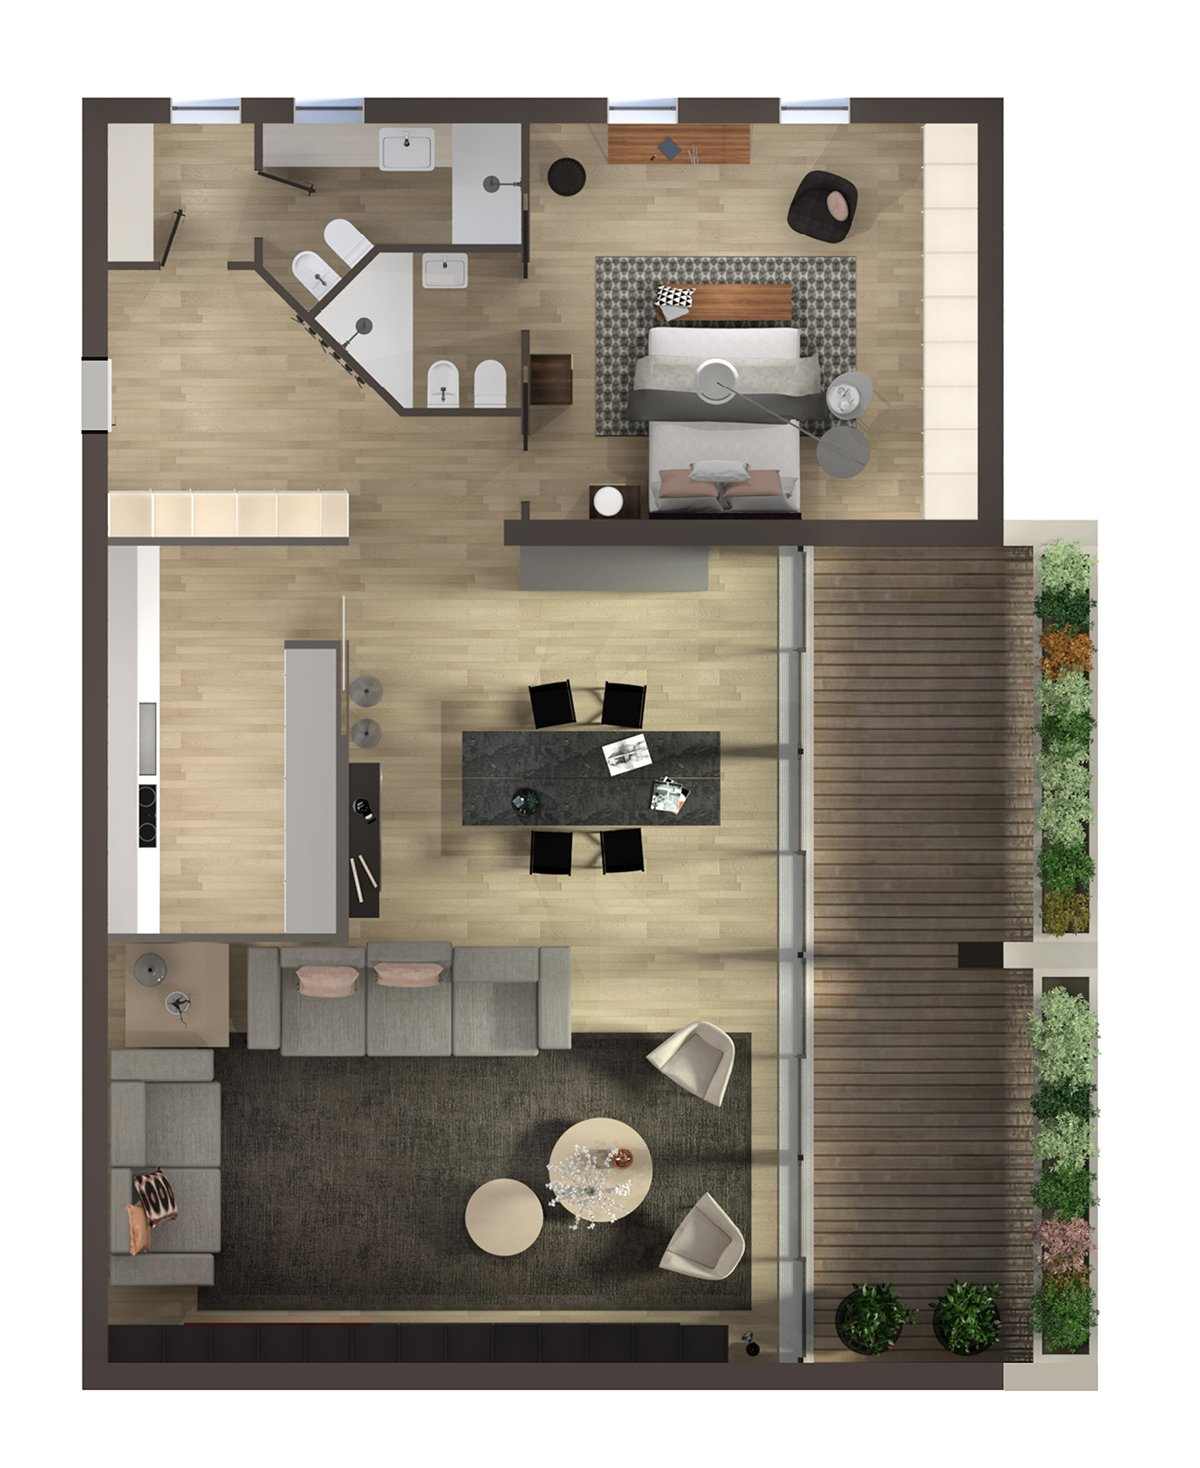 Arredare la mansarda con soluzioni su misura progetto in 3d cose di casa - Planner bagno 3d ...